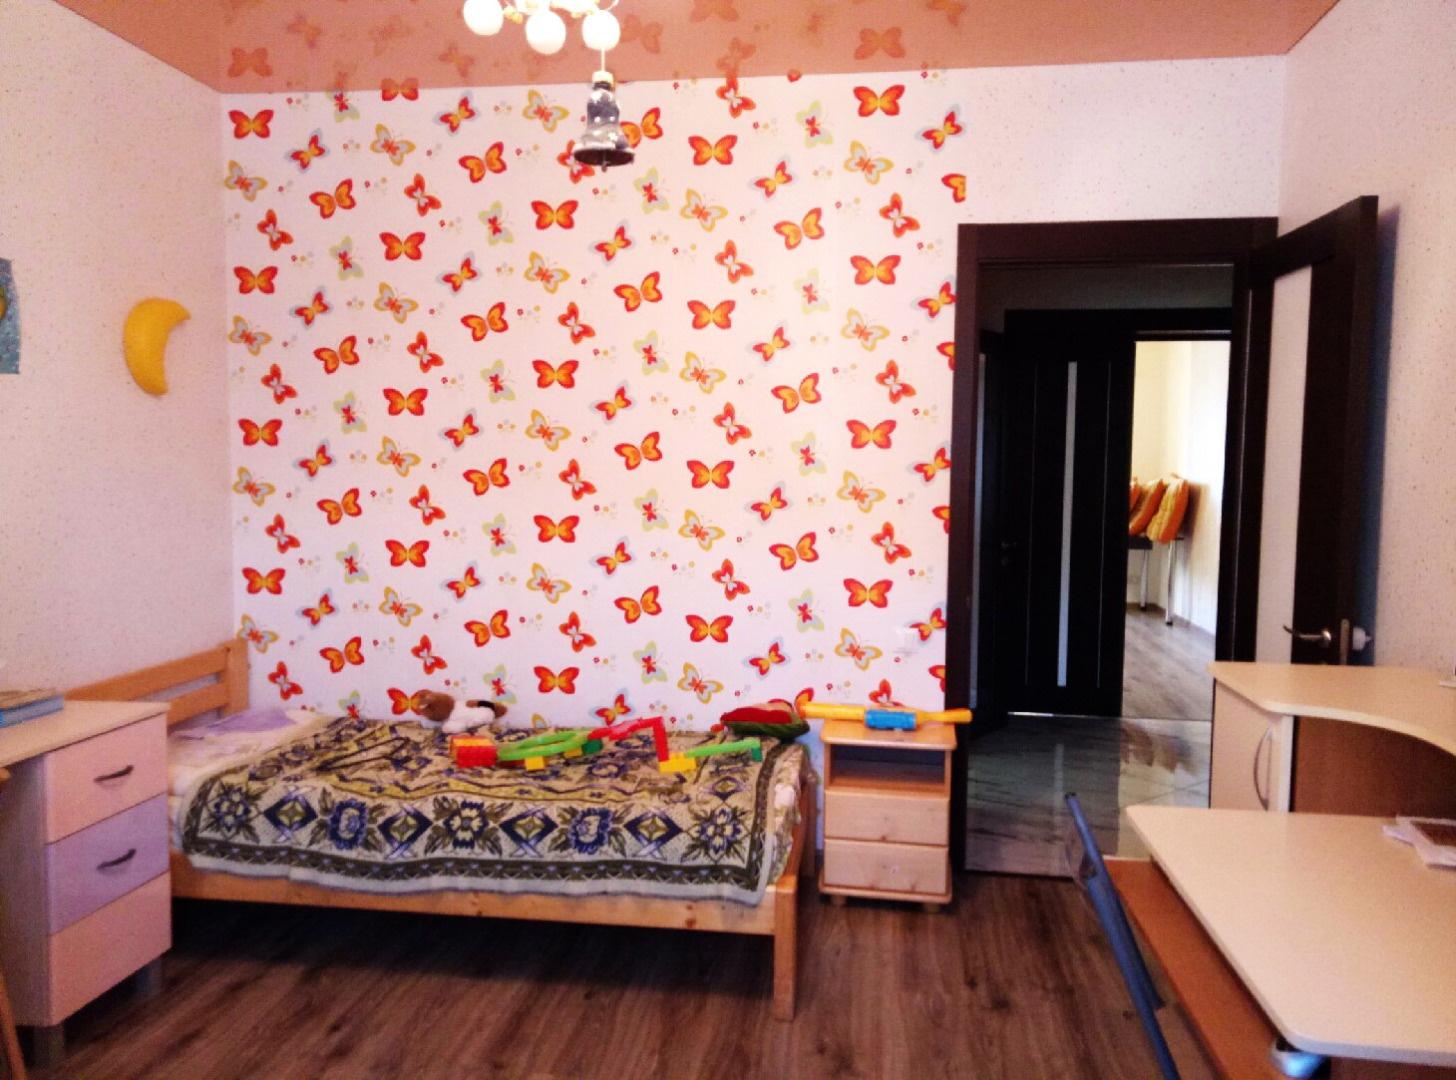 Продается 3-комнатная квартира на ул. Марсельская — 89 000 у.е. (фото №5)